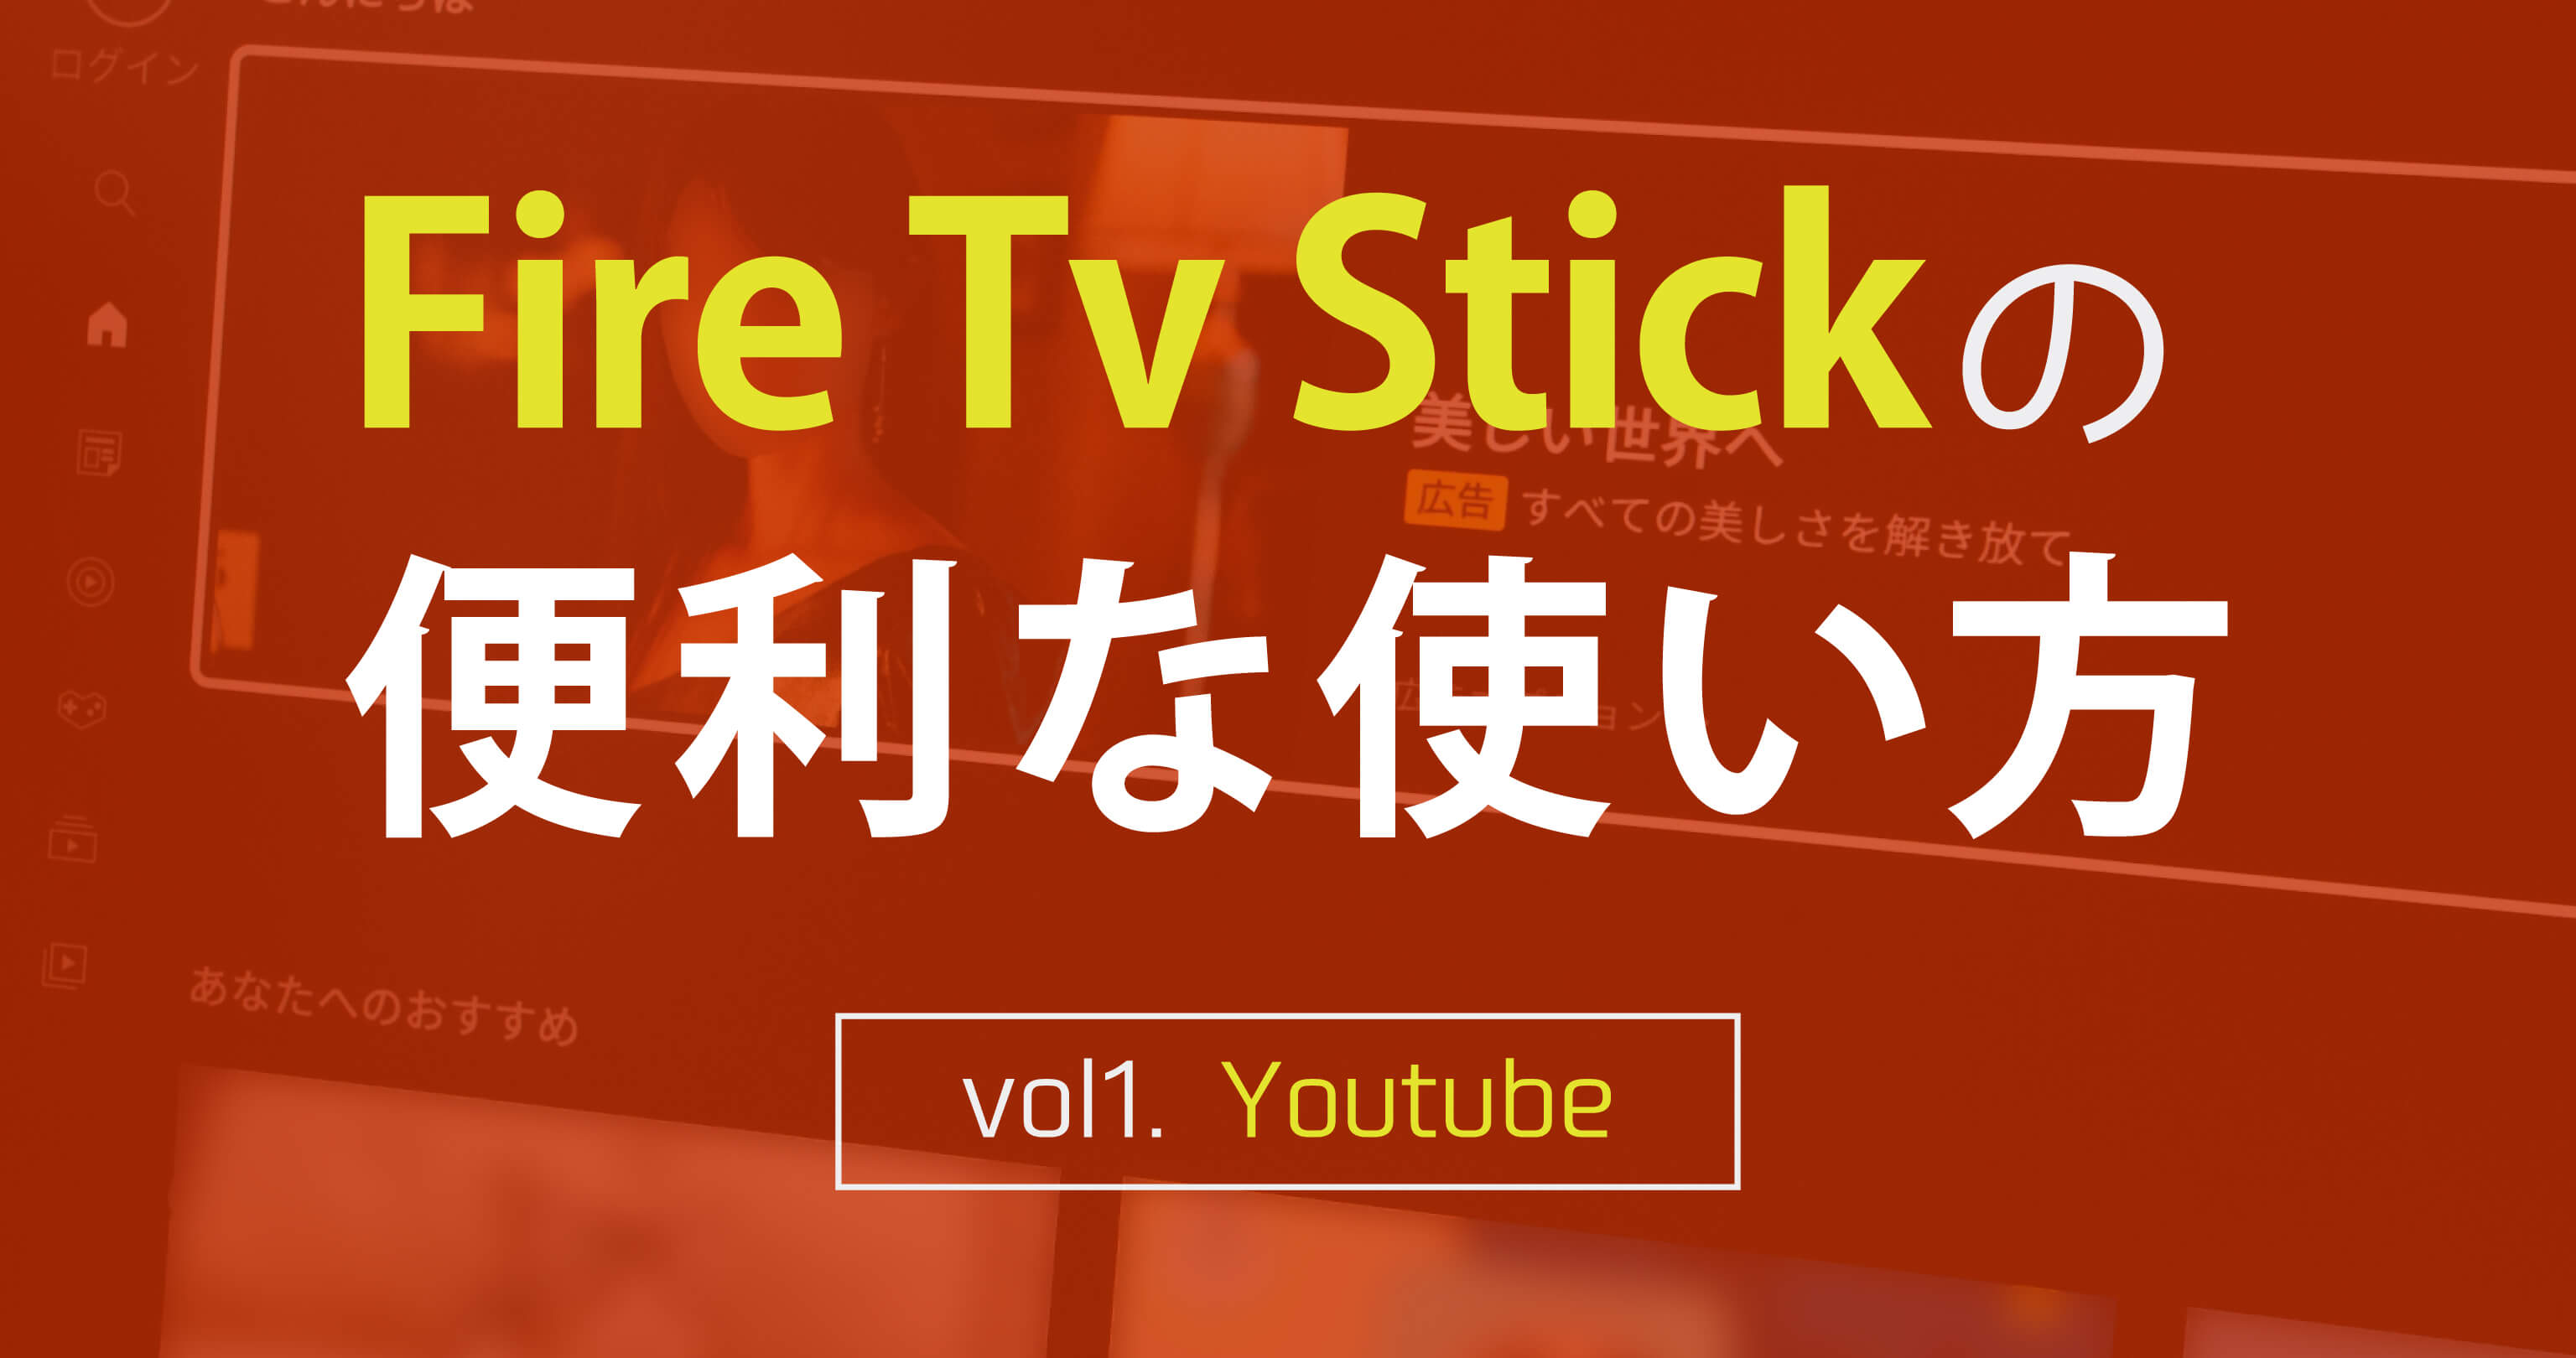 Fire Tv Stickを使ったYoutubeの便利な視聴方法